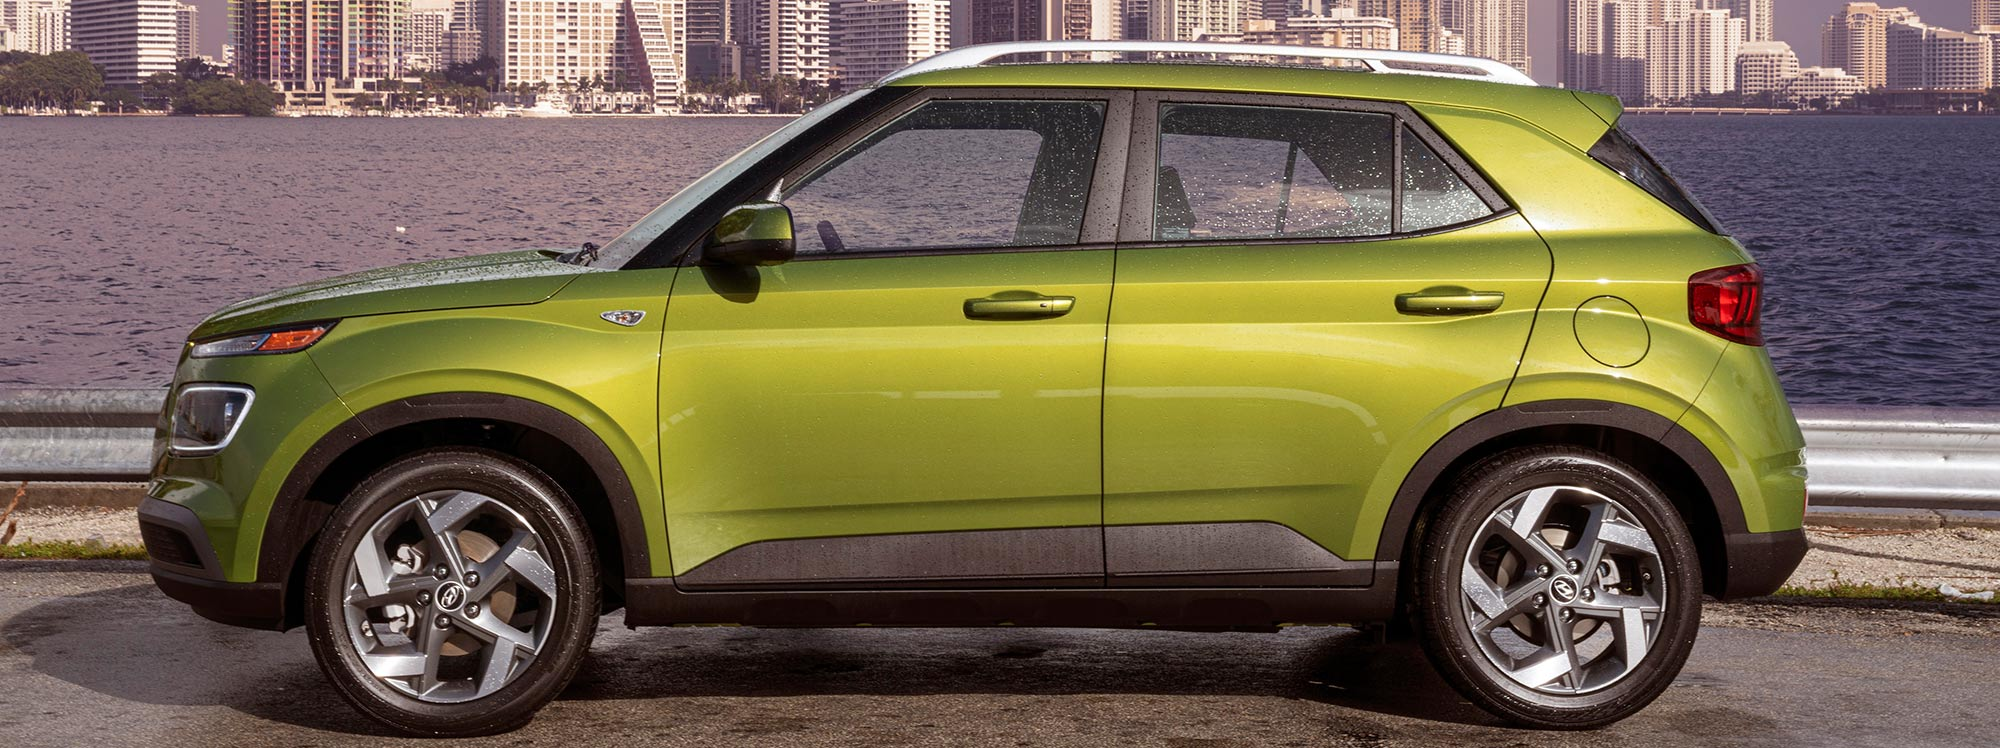 """Hyundai Venue reconocido como el carro con """"Mejor valor de 2021"""""""